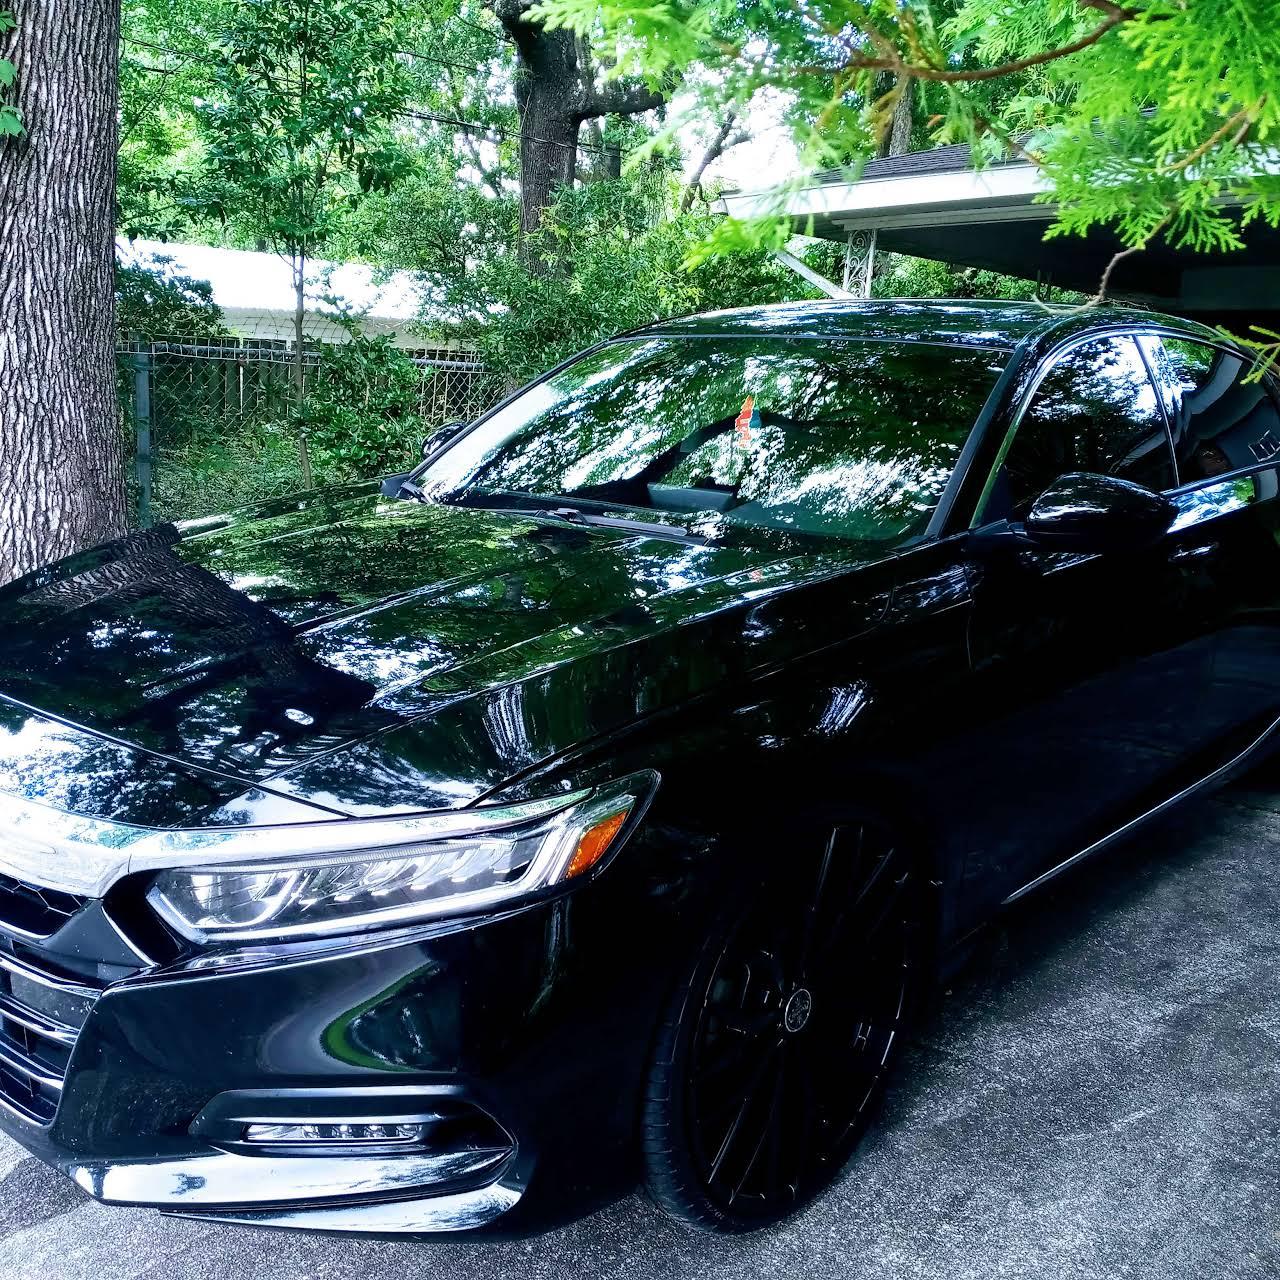 Auto Customs Window Tint Savannah - Window Tinting Service Savannah GA